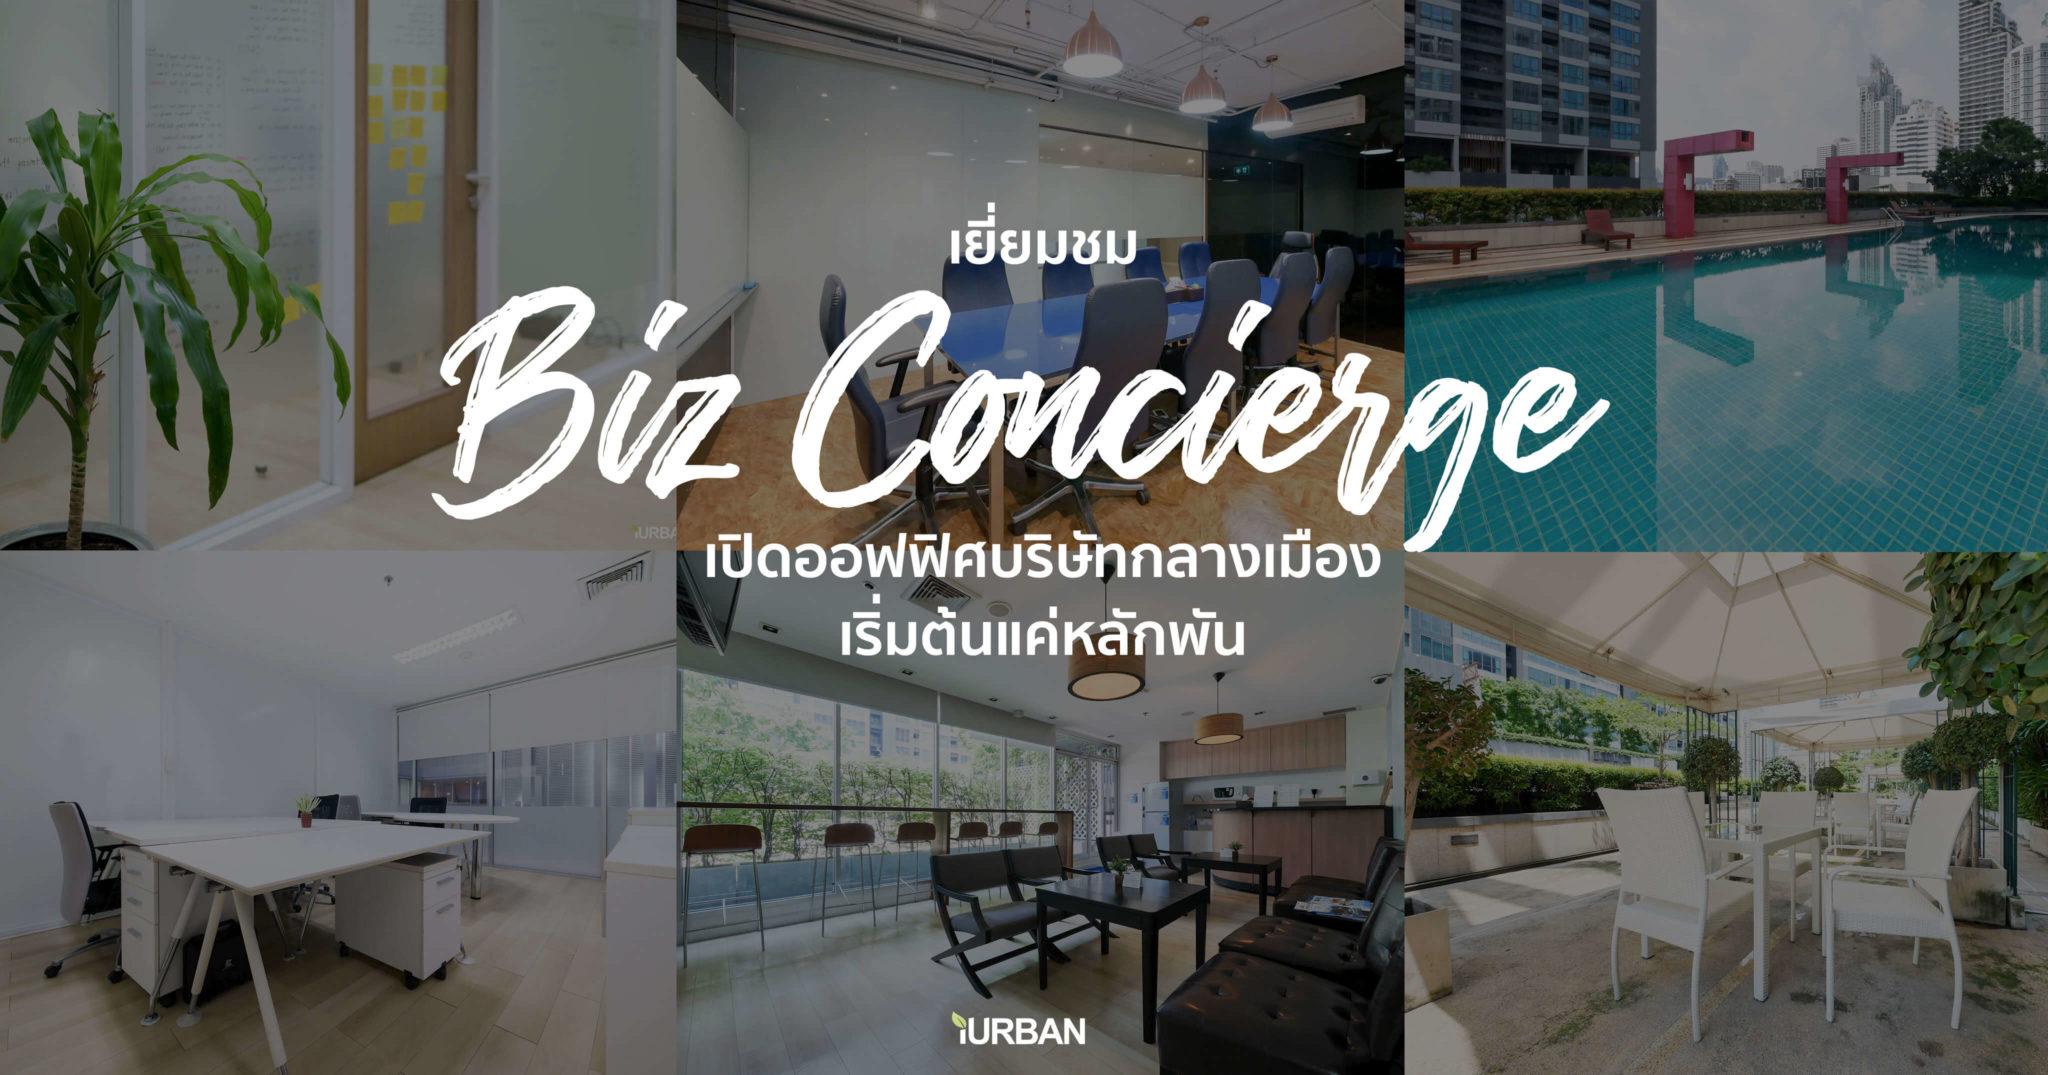 ถ้า Co-Working เปิดบริษัทไม่ได้ Biz Concierge ทำได้ ออฟฟิศ Start Up ใจกลางเมือง เริ่มแค่หลักพัน 13 - Business